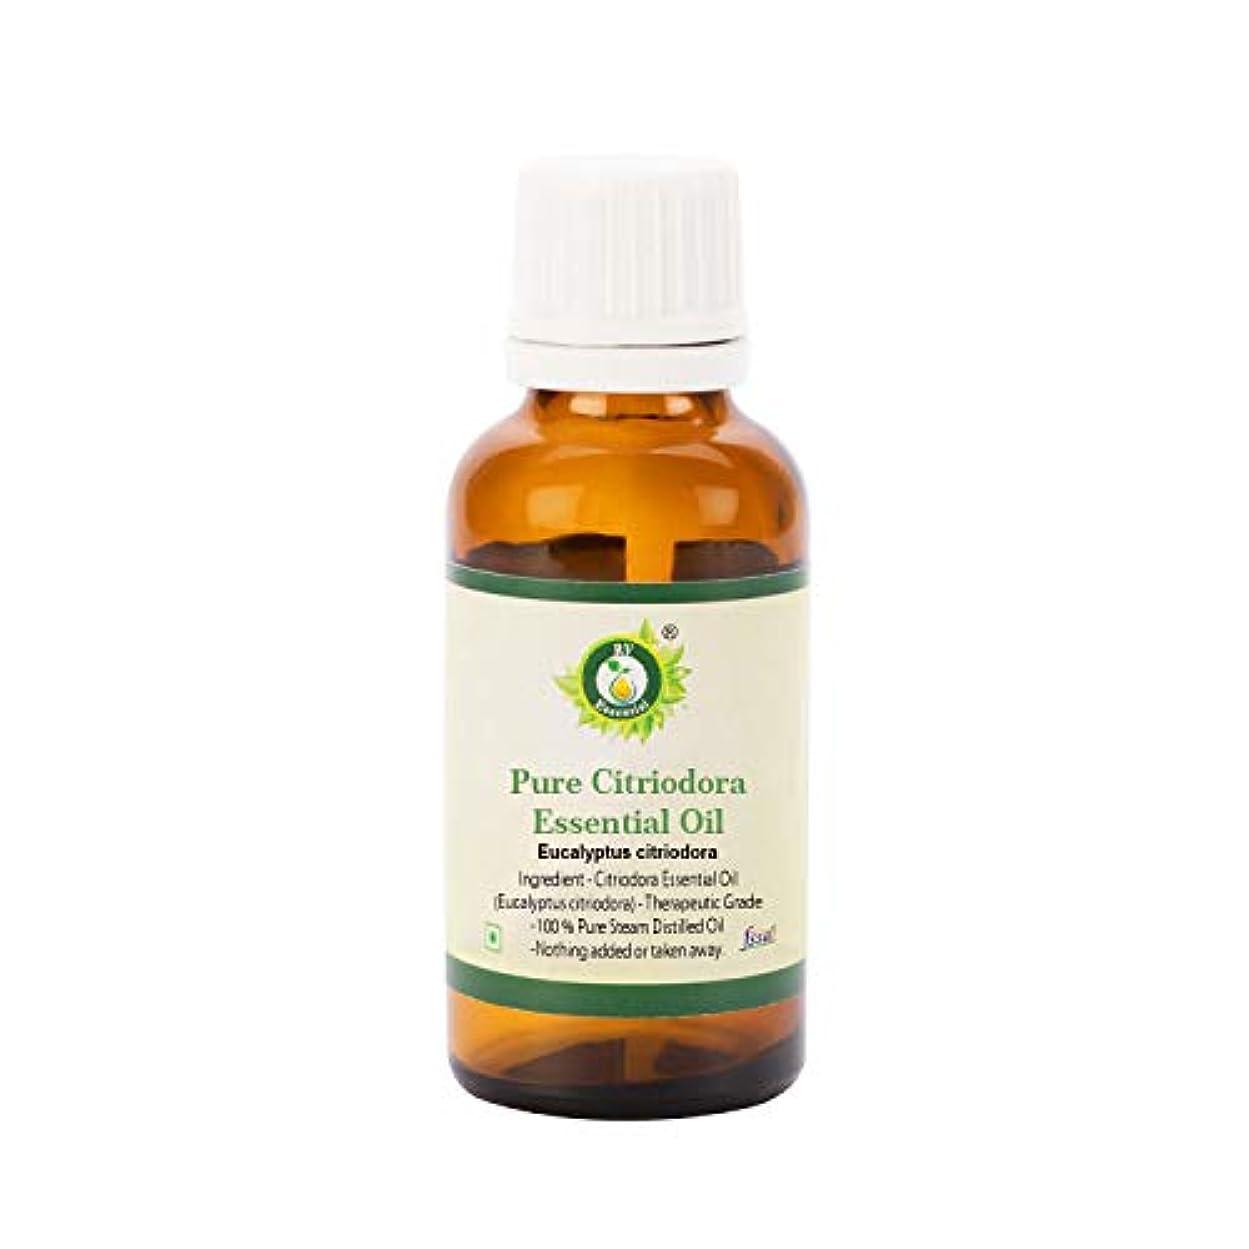 インド残高重要な役割を果たす、中心的な手段となるR V Essential ピュアCitriodoraエッセンシャルオイル30ml (1.01oz)- Eucalyptus citriodora (100%純粋&天然スチームDistilled) Pure Citriodora...